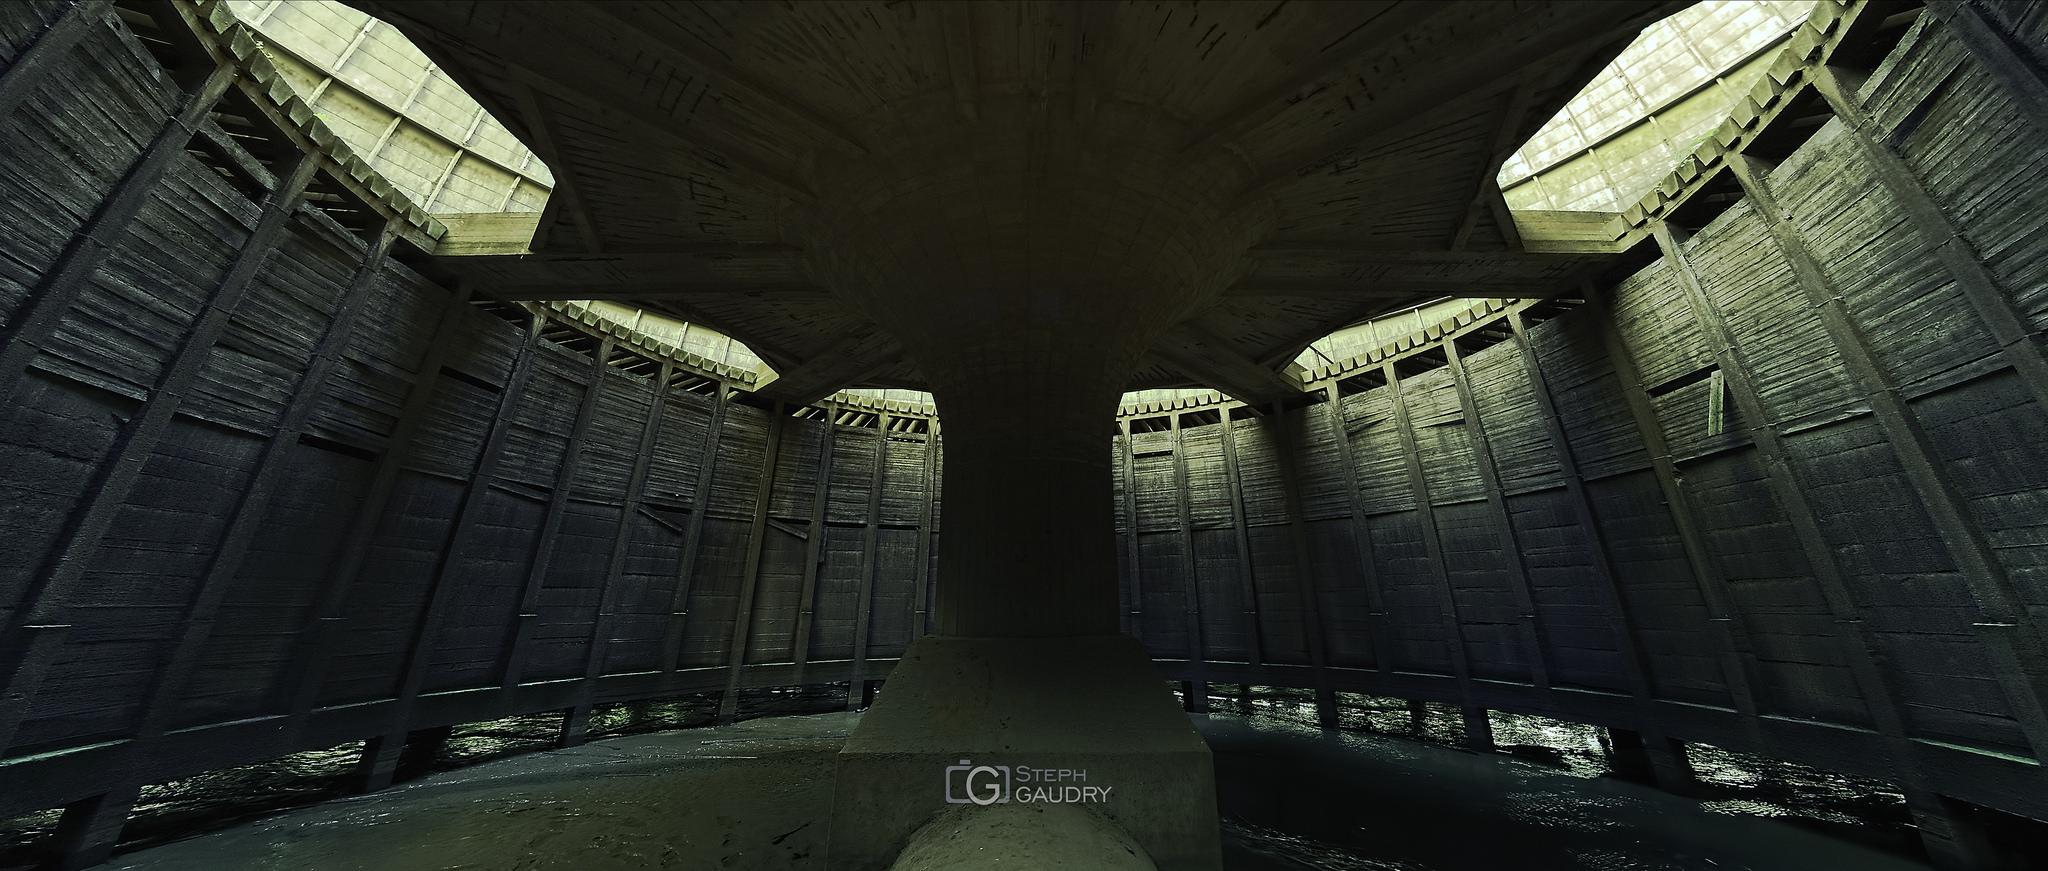 Under the death star - cinemascope [Cliquez pour lancer le diaporama]